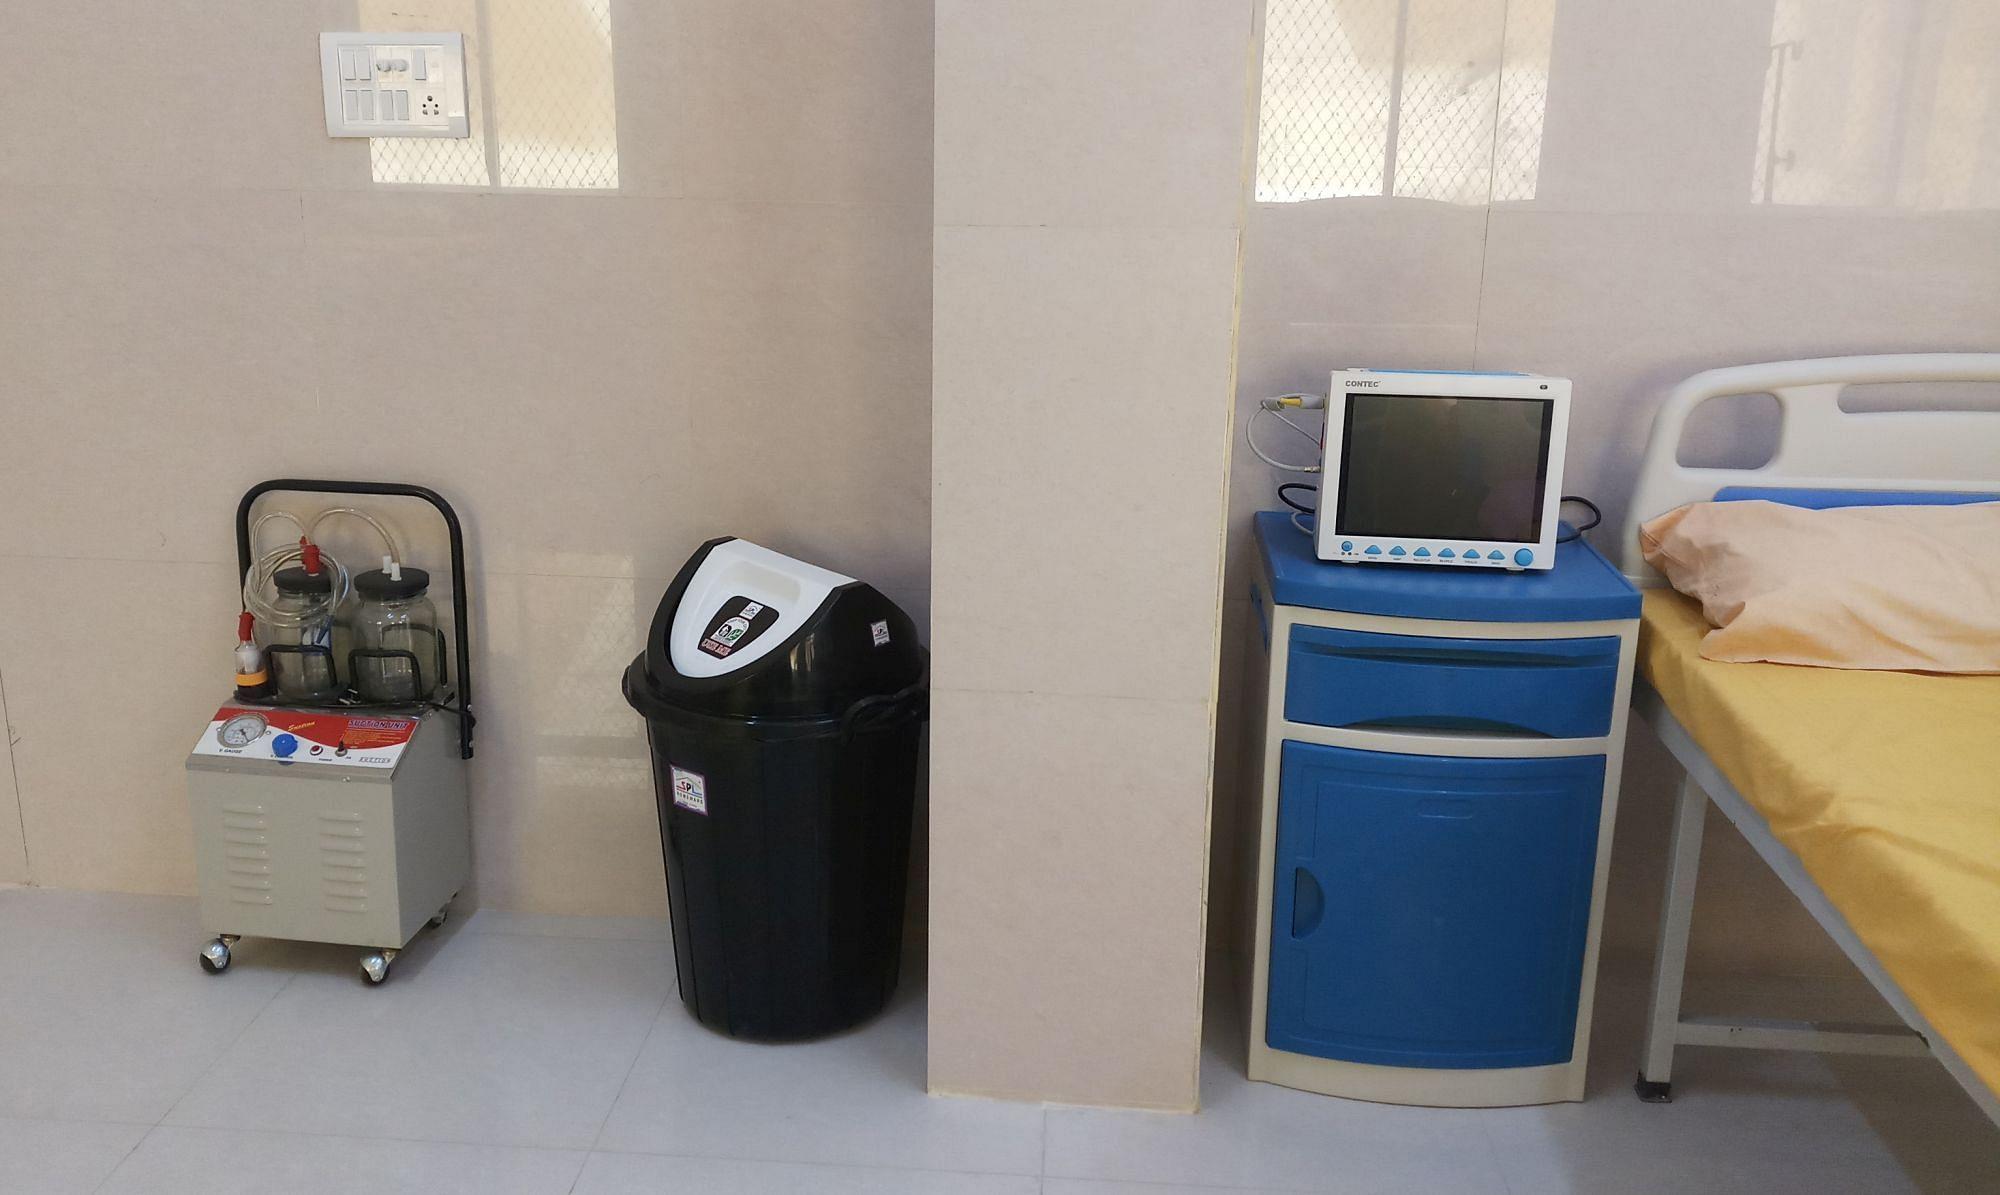 गोंडा के जिला अस्पताल में बने कोविड-19 वार्ड में रखी सक्शन मशीन।